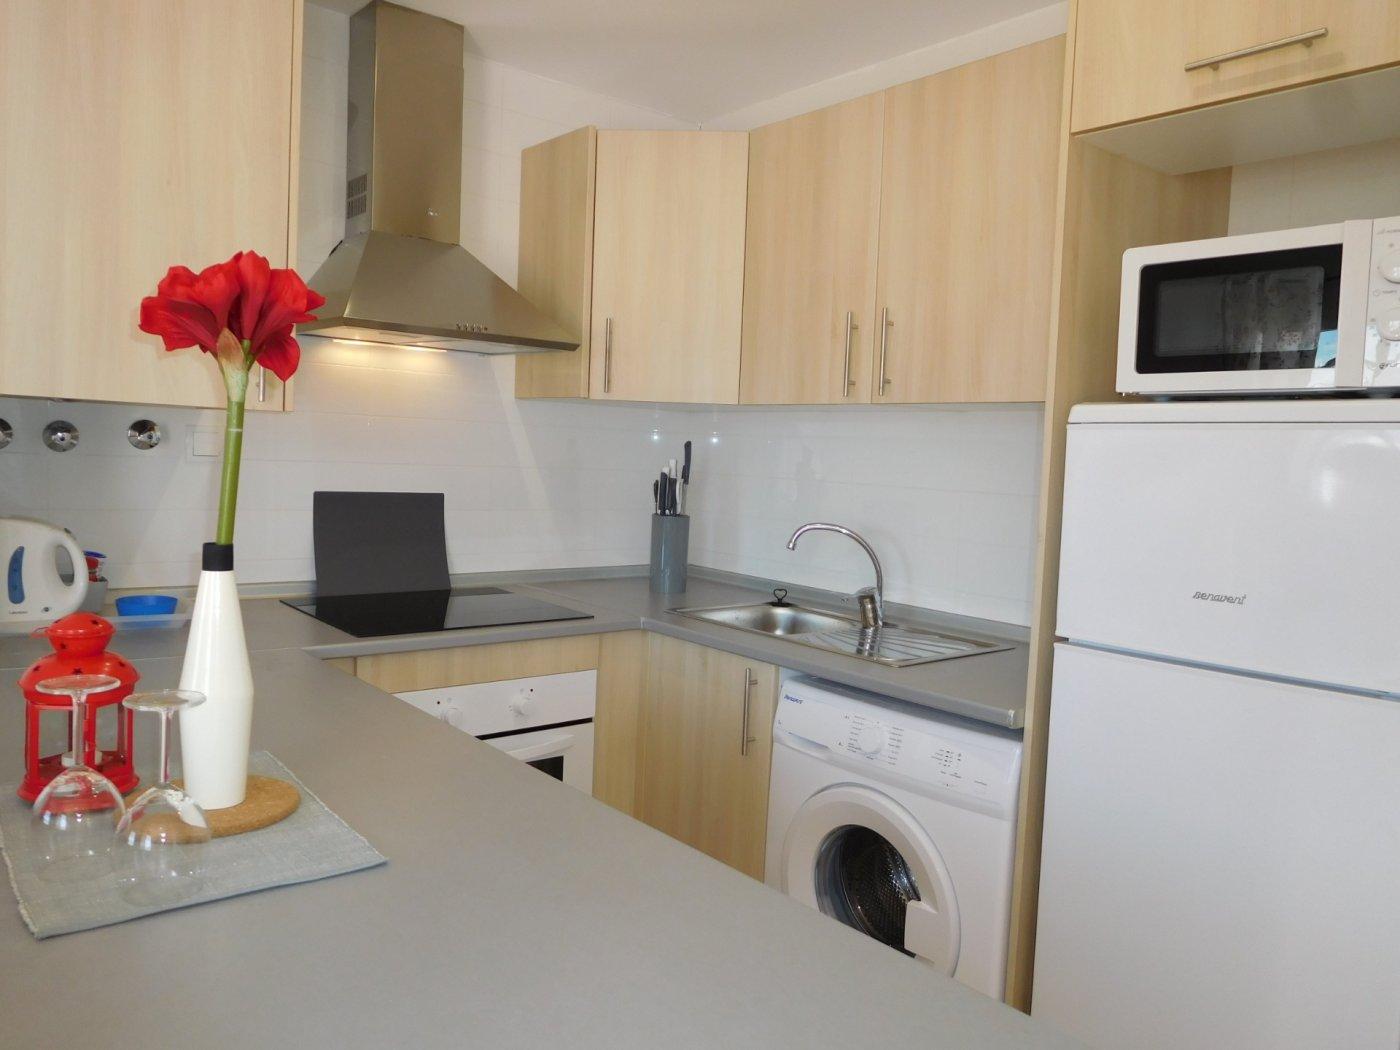 Image 7 Apartment ref 3265-03302 for rent in Condado De Alhama Spain - Quality Homes Costa Cálida